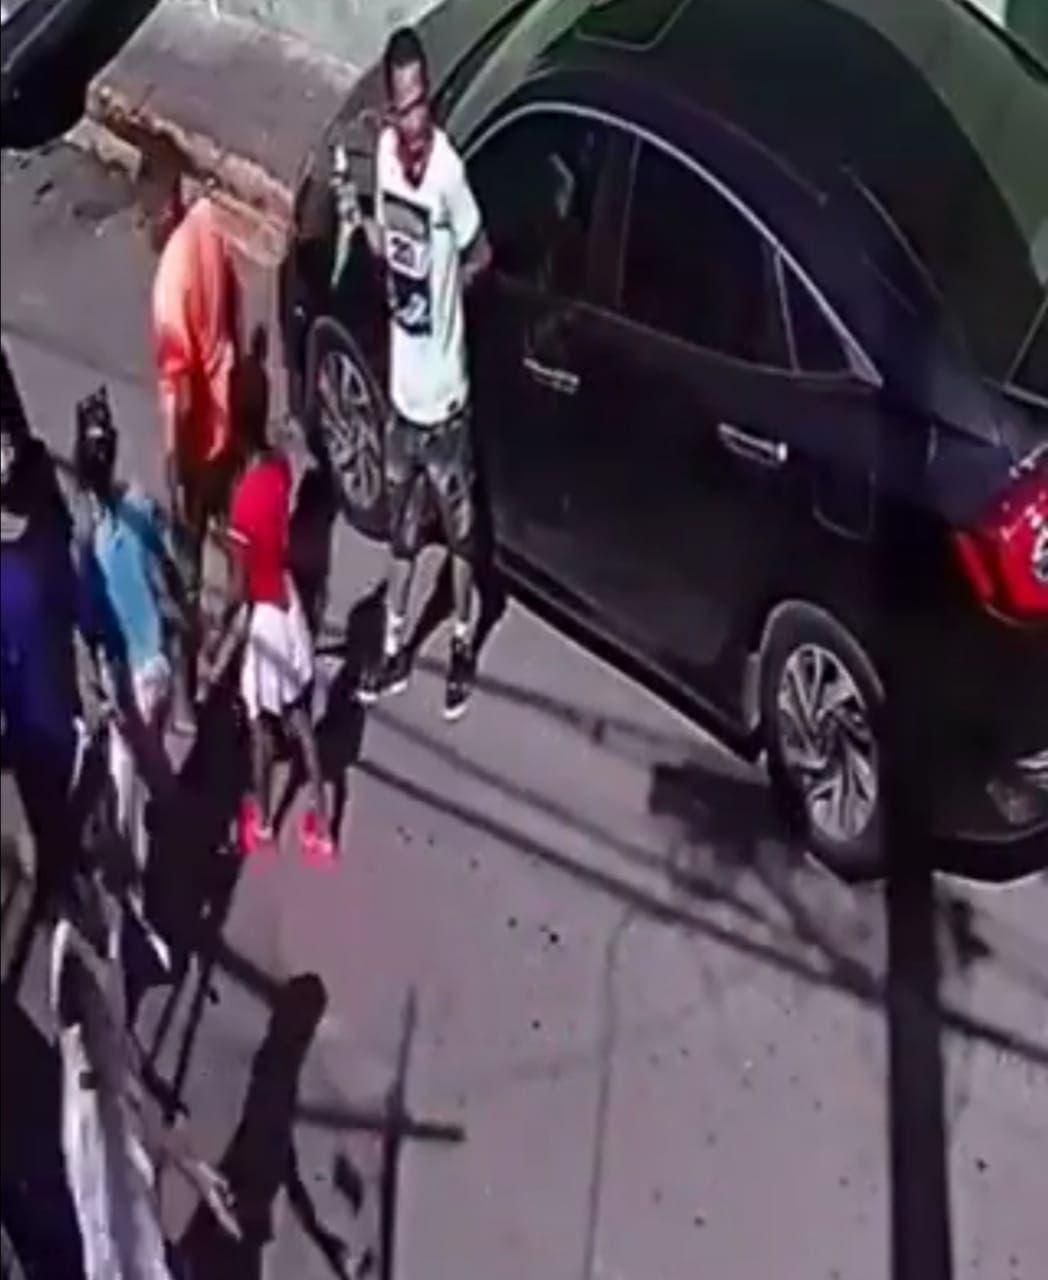 De espaldas, comiendo helado y con una sola mano, hombre roba retrovisor de un vehículo